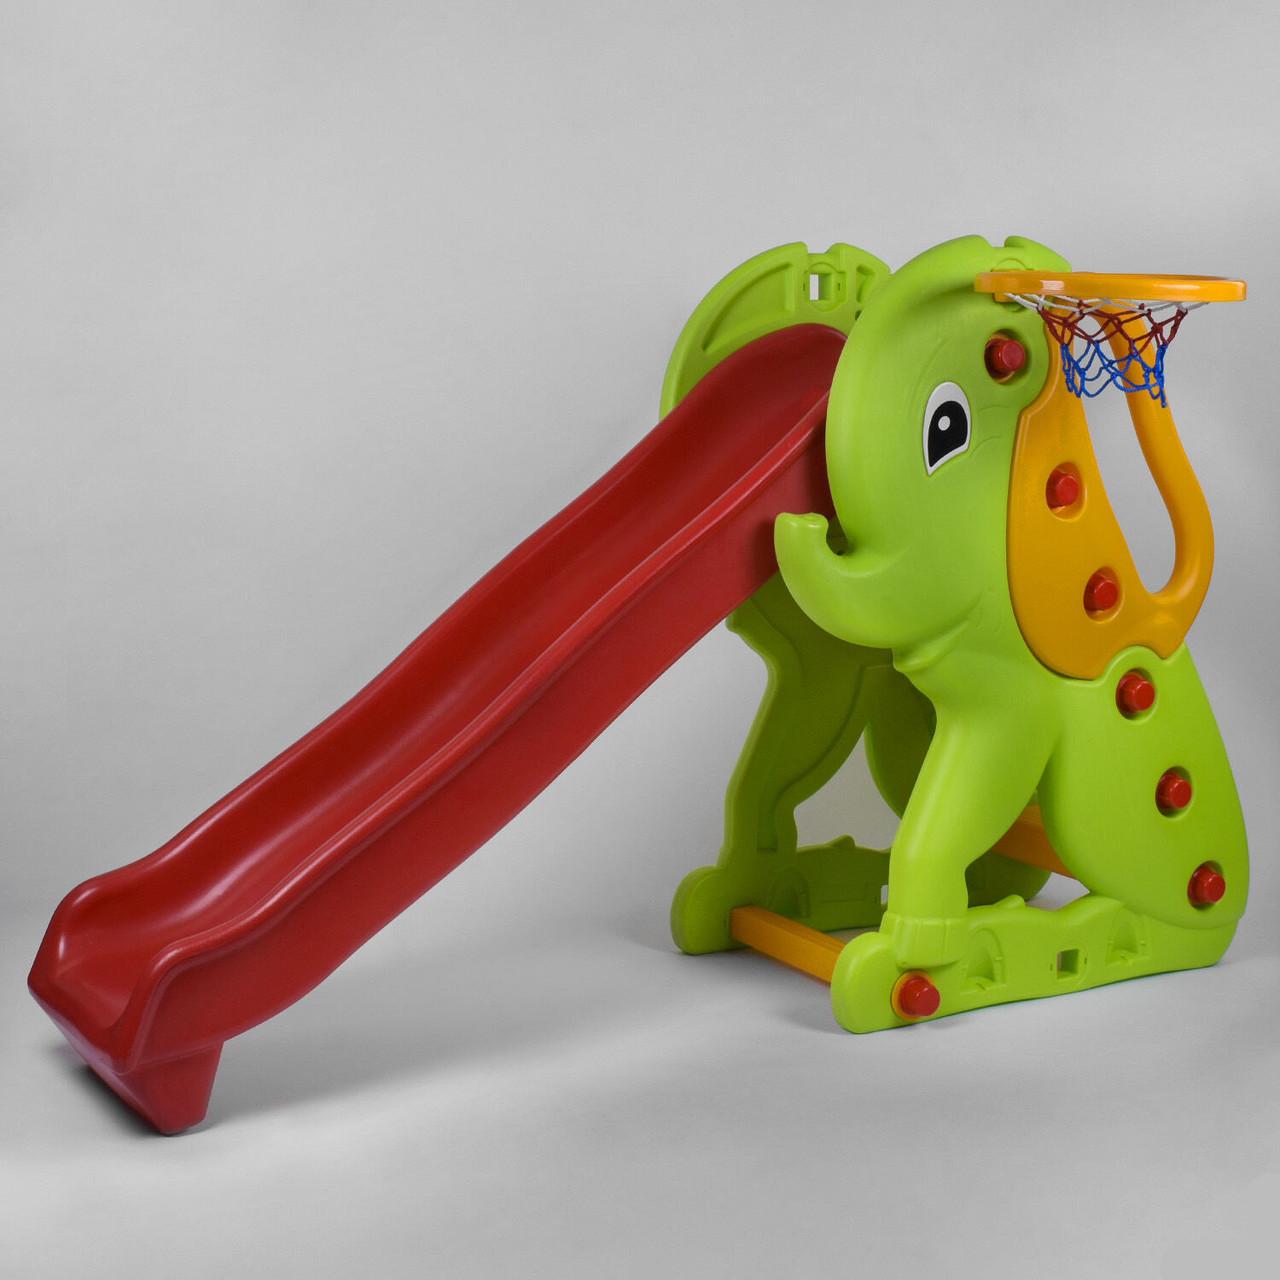 Горка детская пластиковая Pilsan 06-160